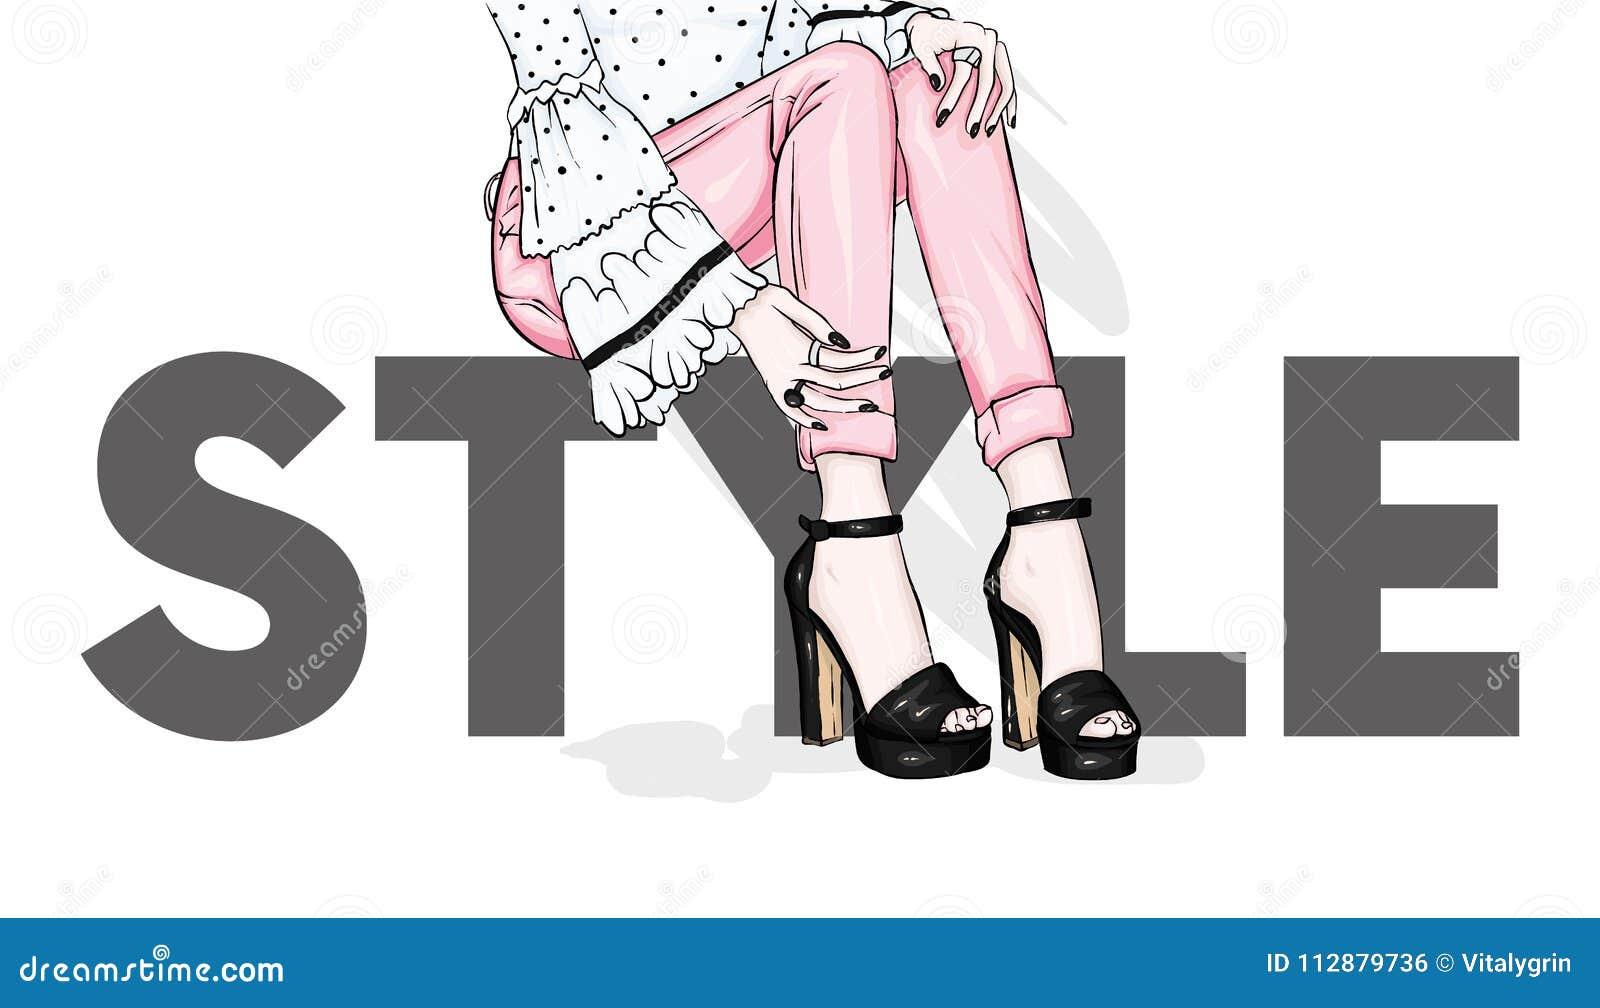 Largas En Y Delgadas Zapatos Piernas Apretados De Pantalones Tacón 3uc5TFlJK1